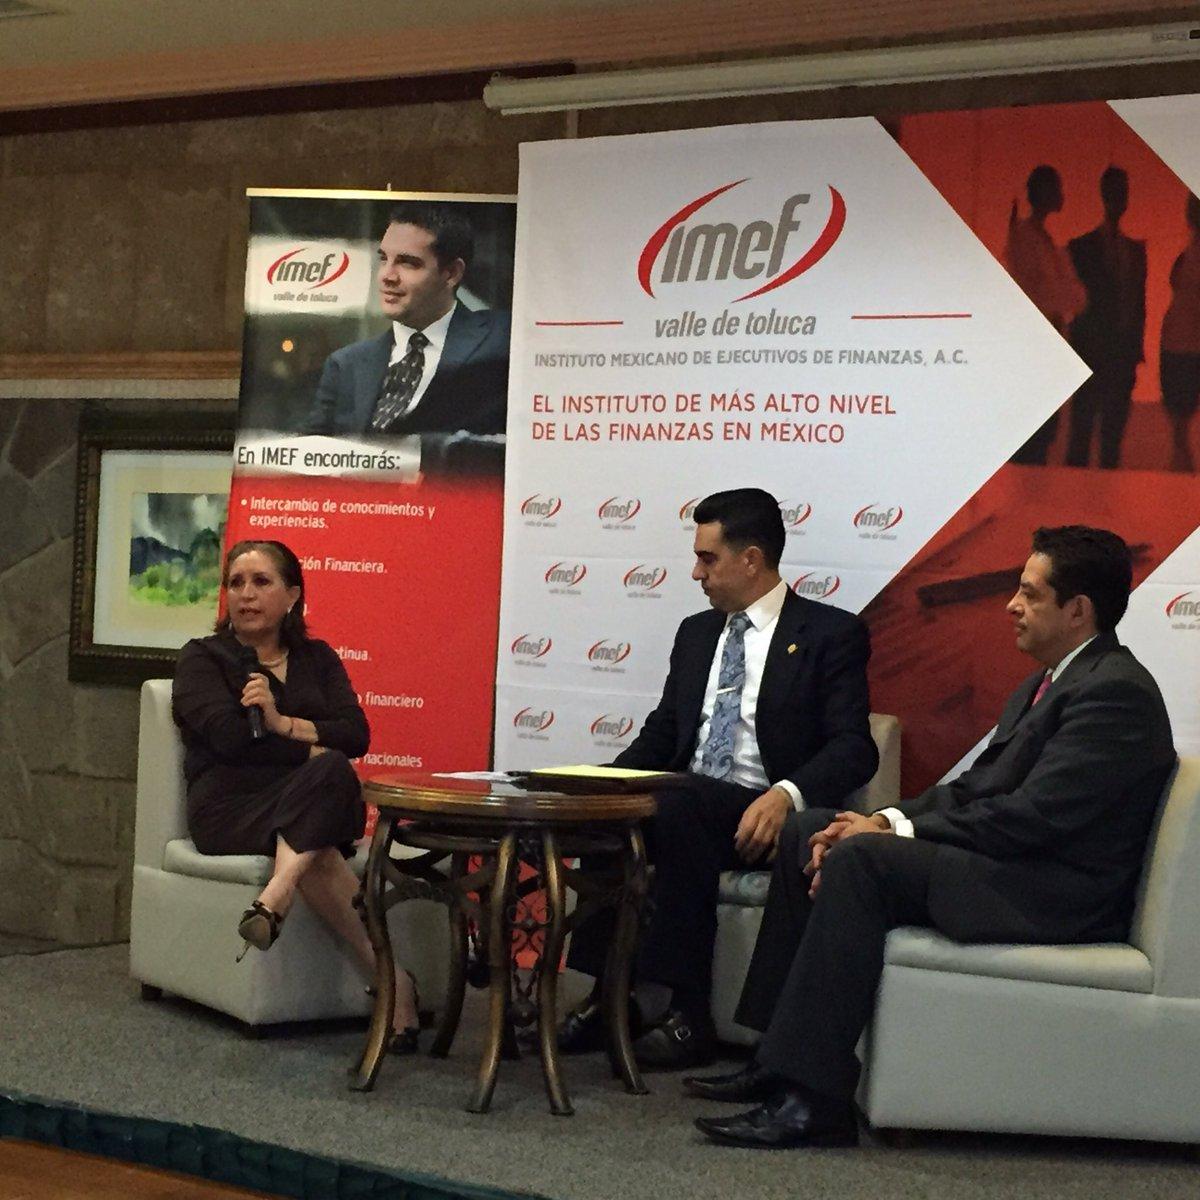 Reunión @IMEFOficial sobre potencial de crecimiento del Edomex y la vinculación para consolidar negocios exitosos. https://t.co/MzE2XeSvaT